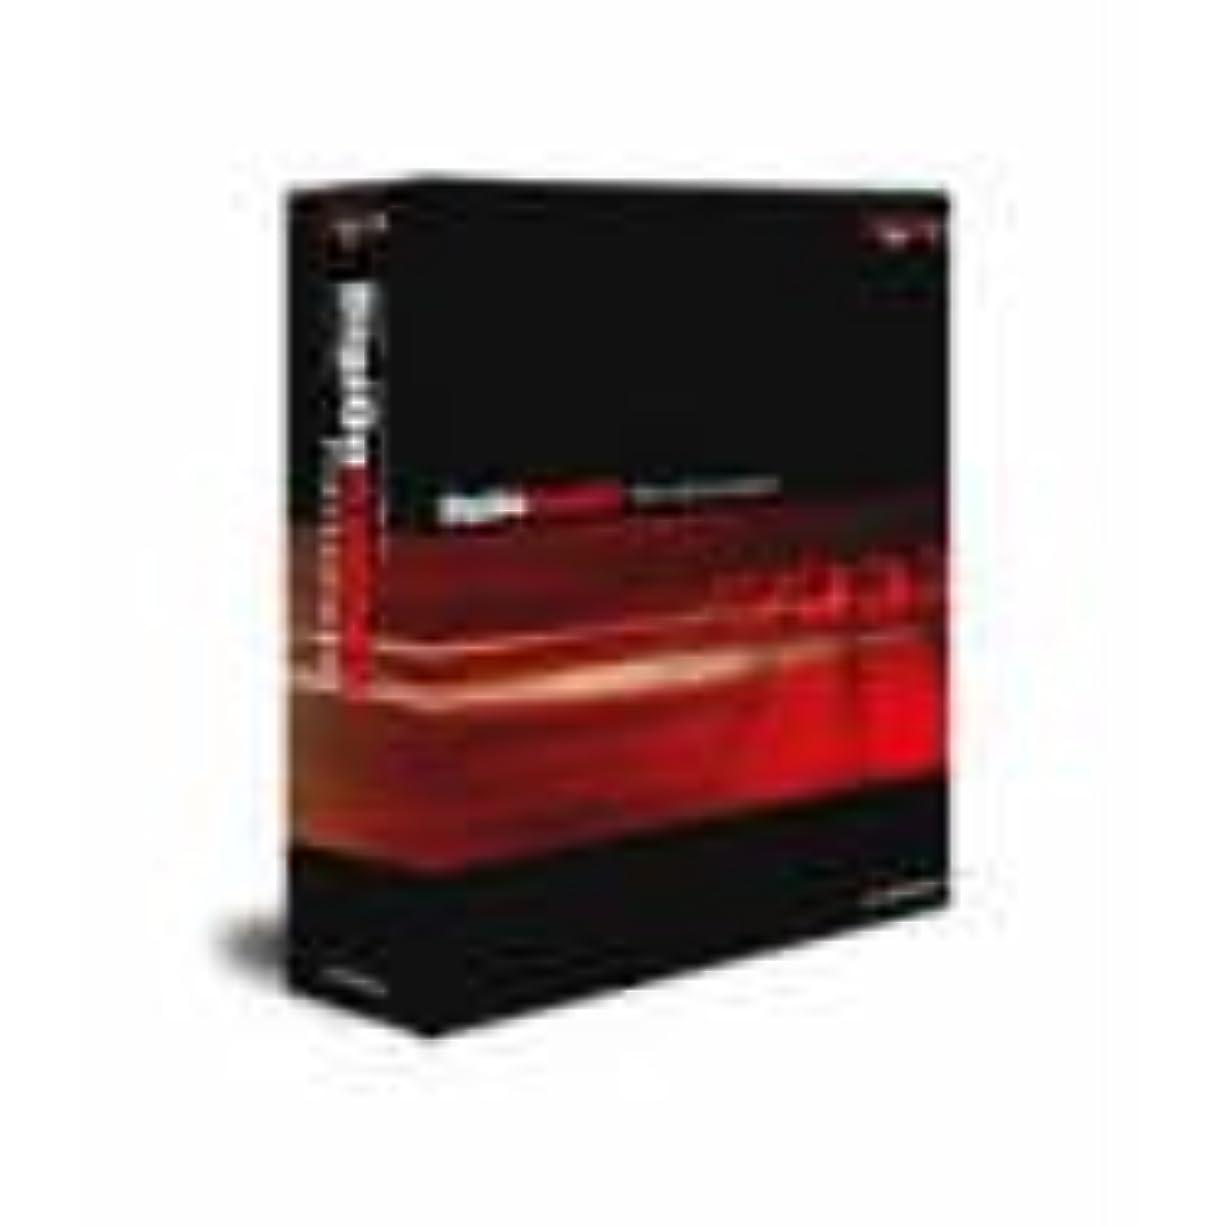 プロジェクター強度リクルートDigiOnSound 4 Professional